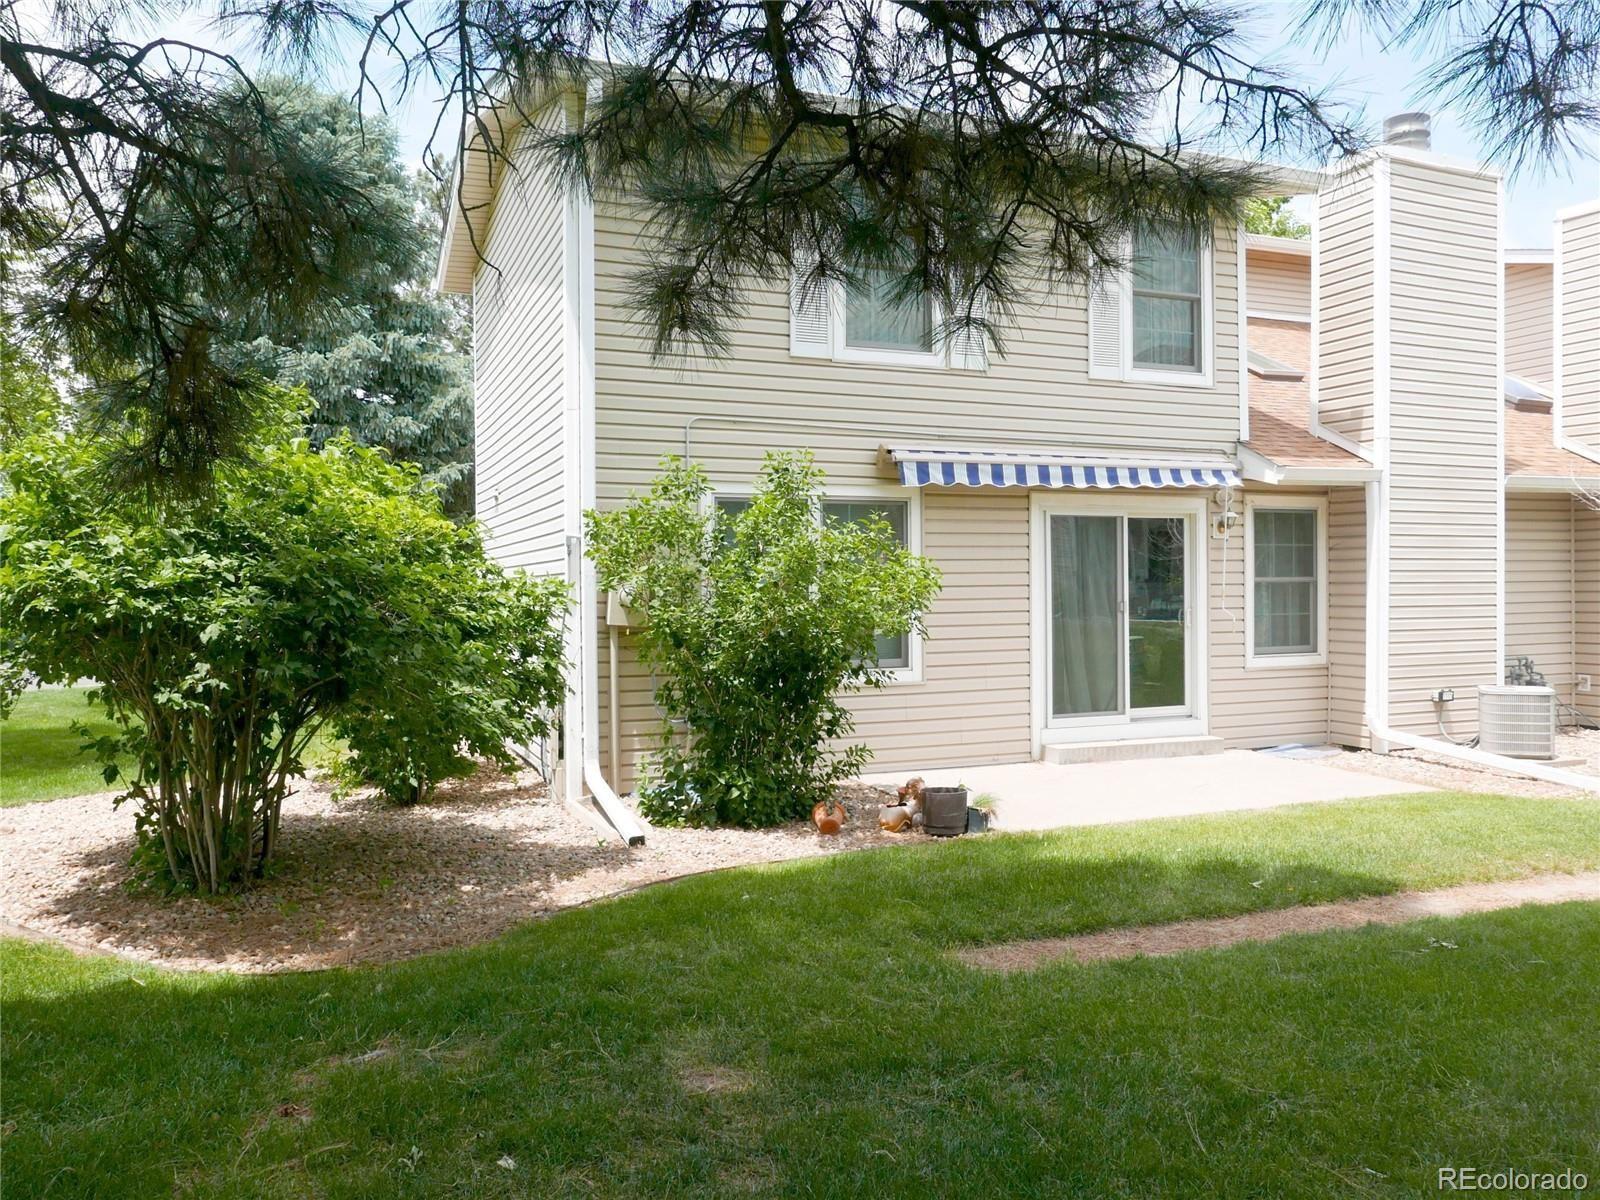 3296 S Heather Gardens Way, Aurora, CO 80014 - #: 8678346